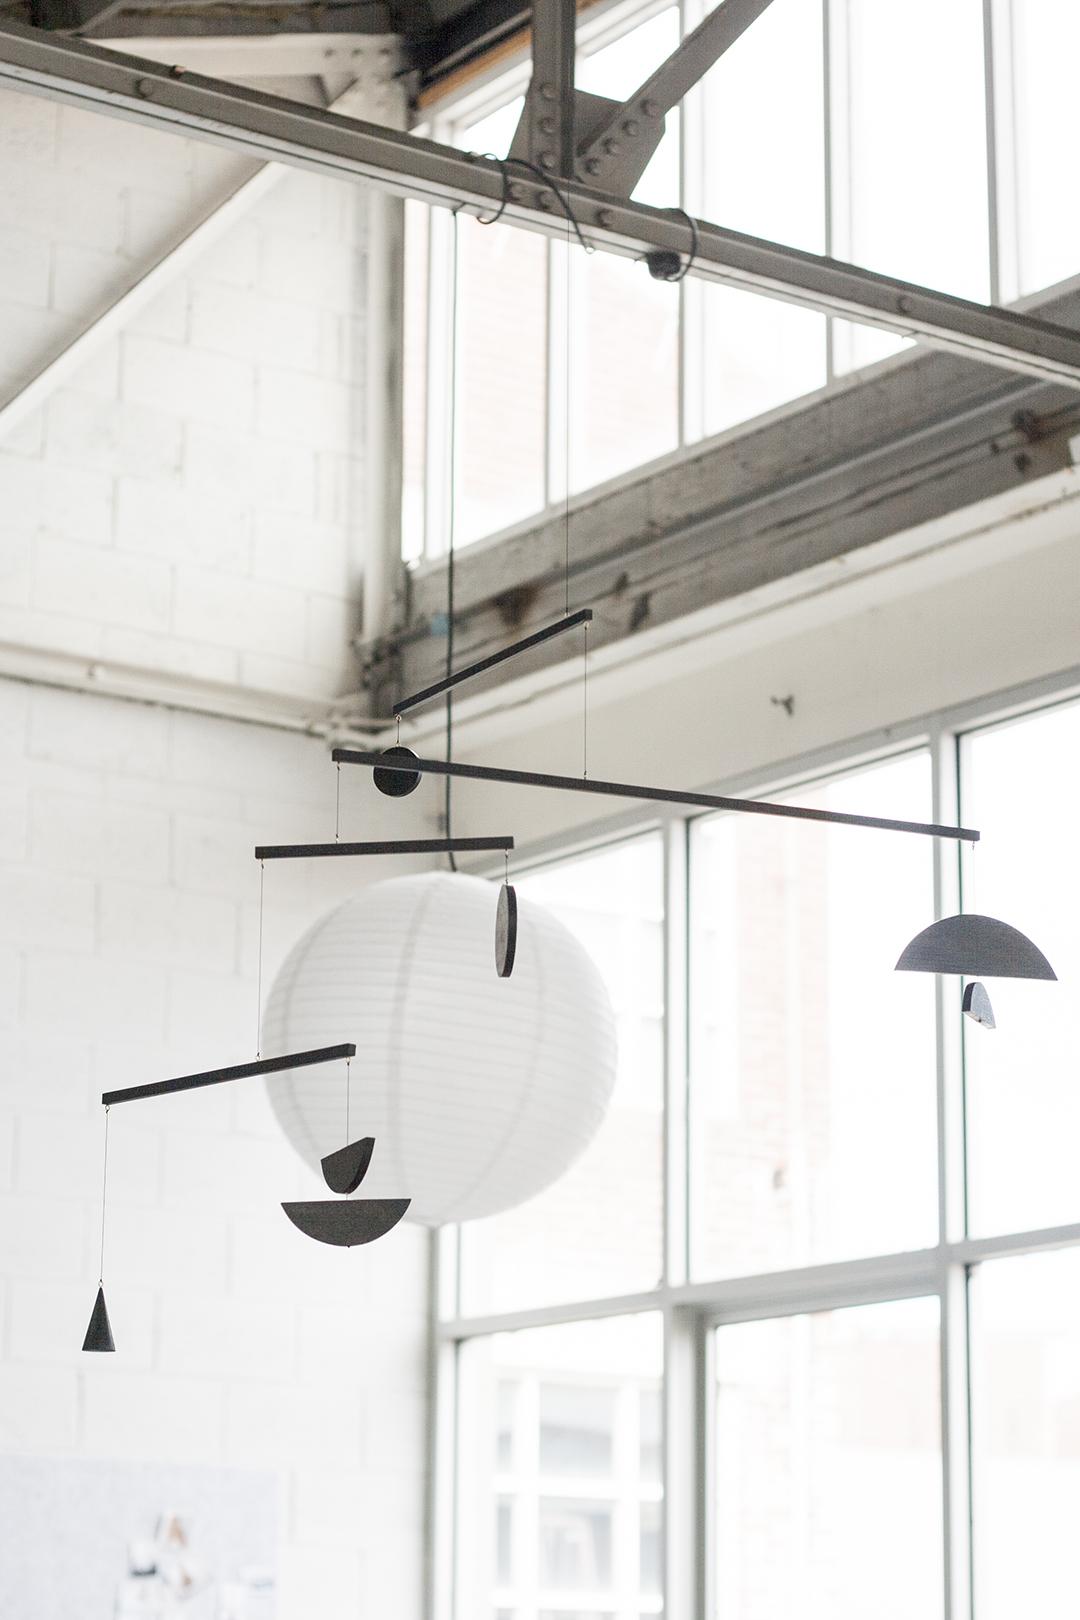 Fellows Mobiles Local Australian Contemporary Design Melbourne, Vic Image 7